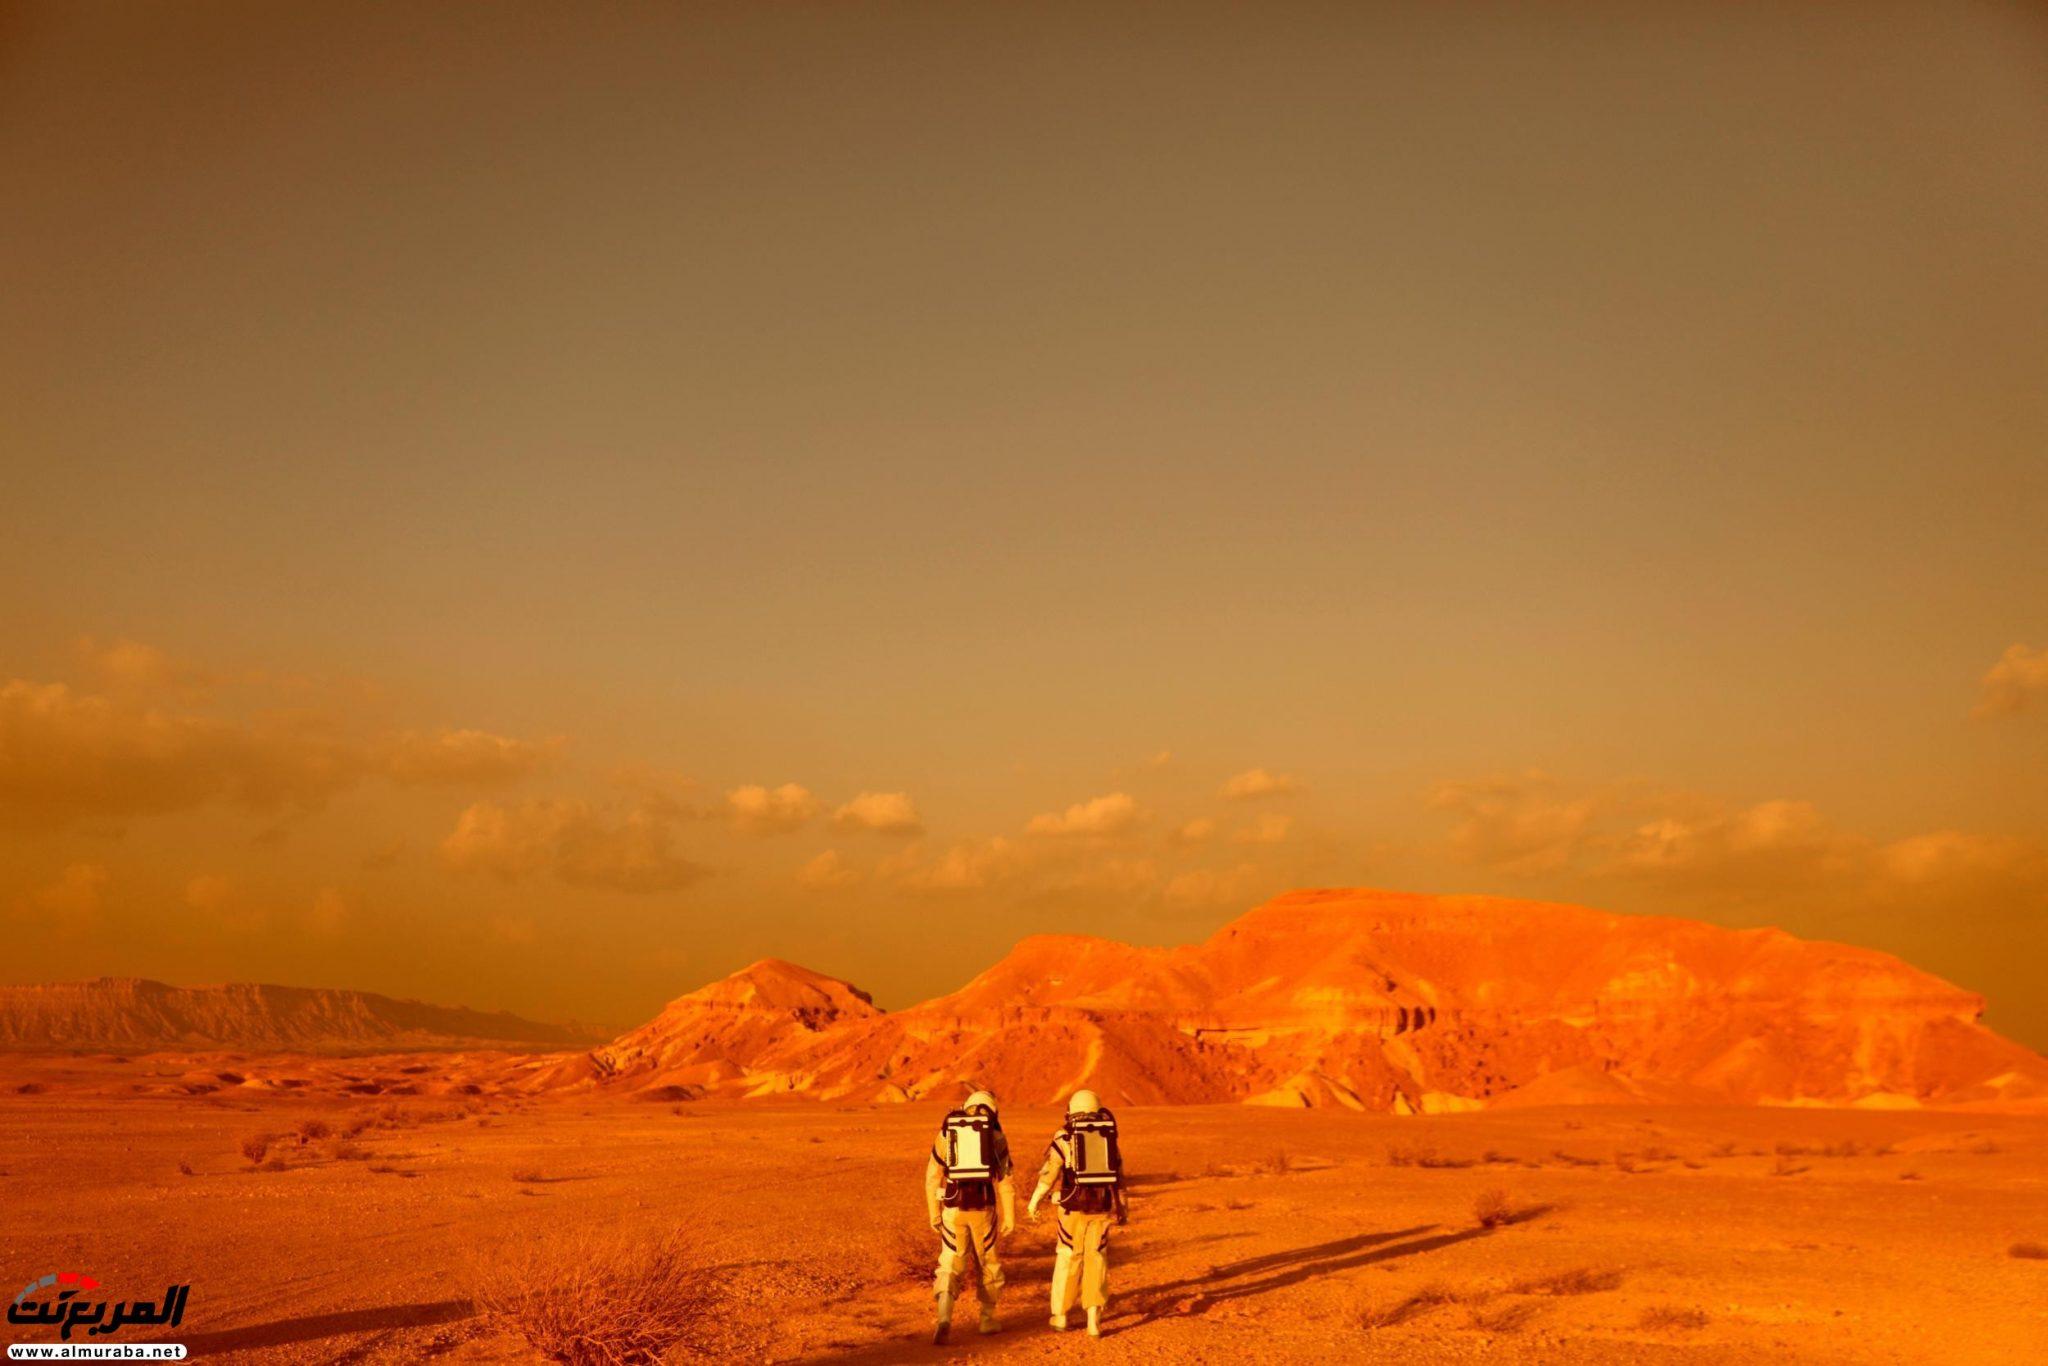 إيلون ماسك يفكر بالانتقال إلى المريخ! مدير تيسلا وسبيس إكس التنفيذي